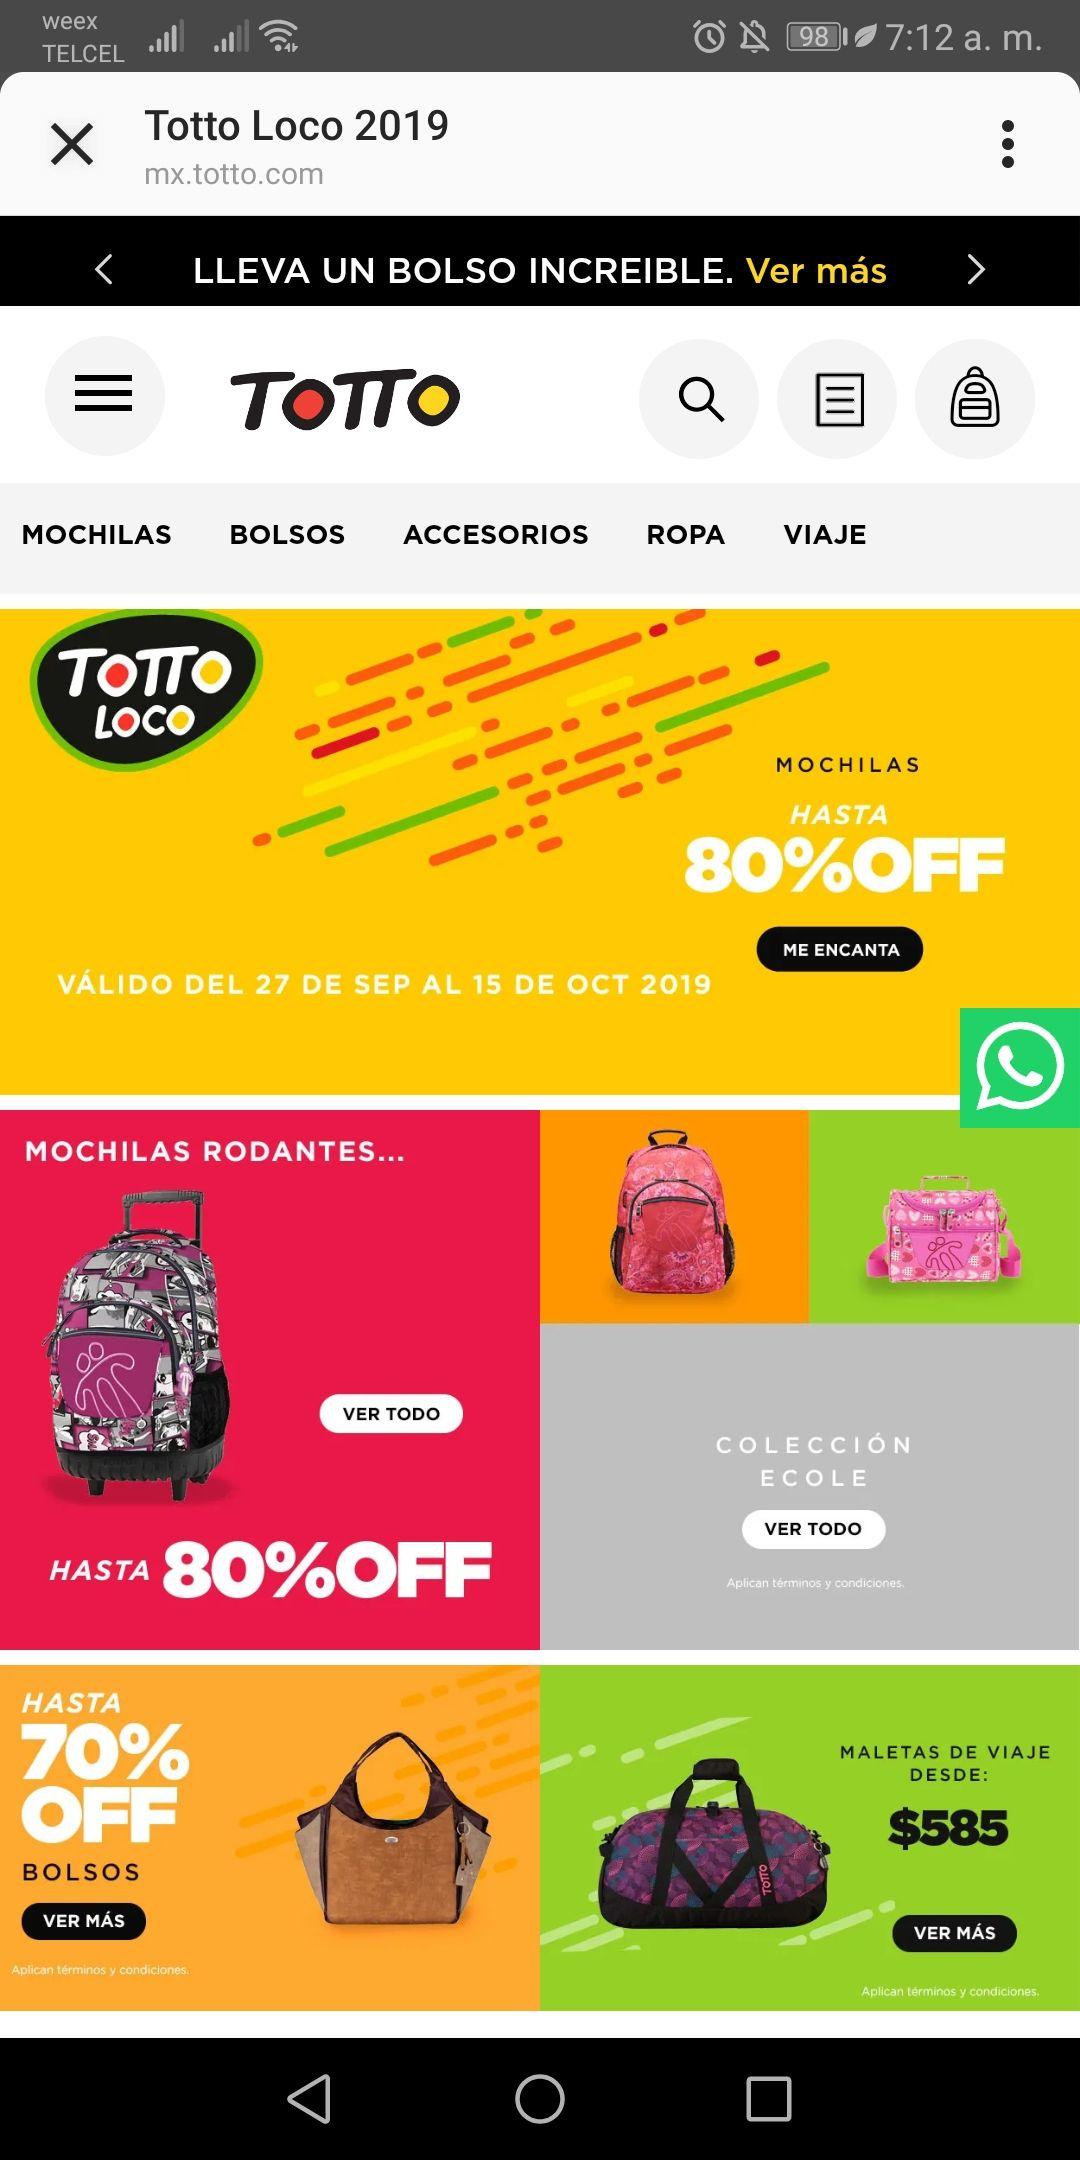 Totto: Hasta 80% de descuento en mochilas